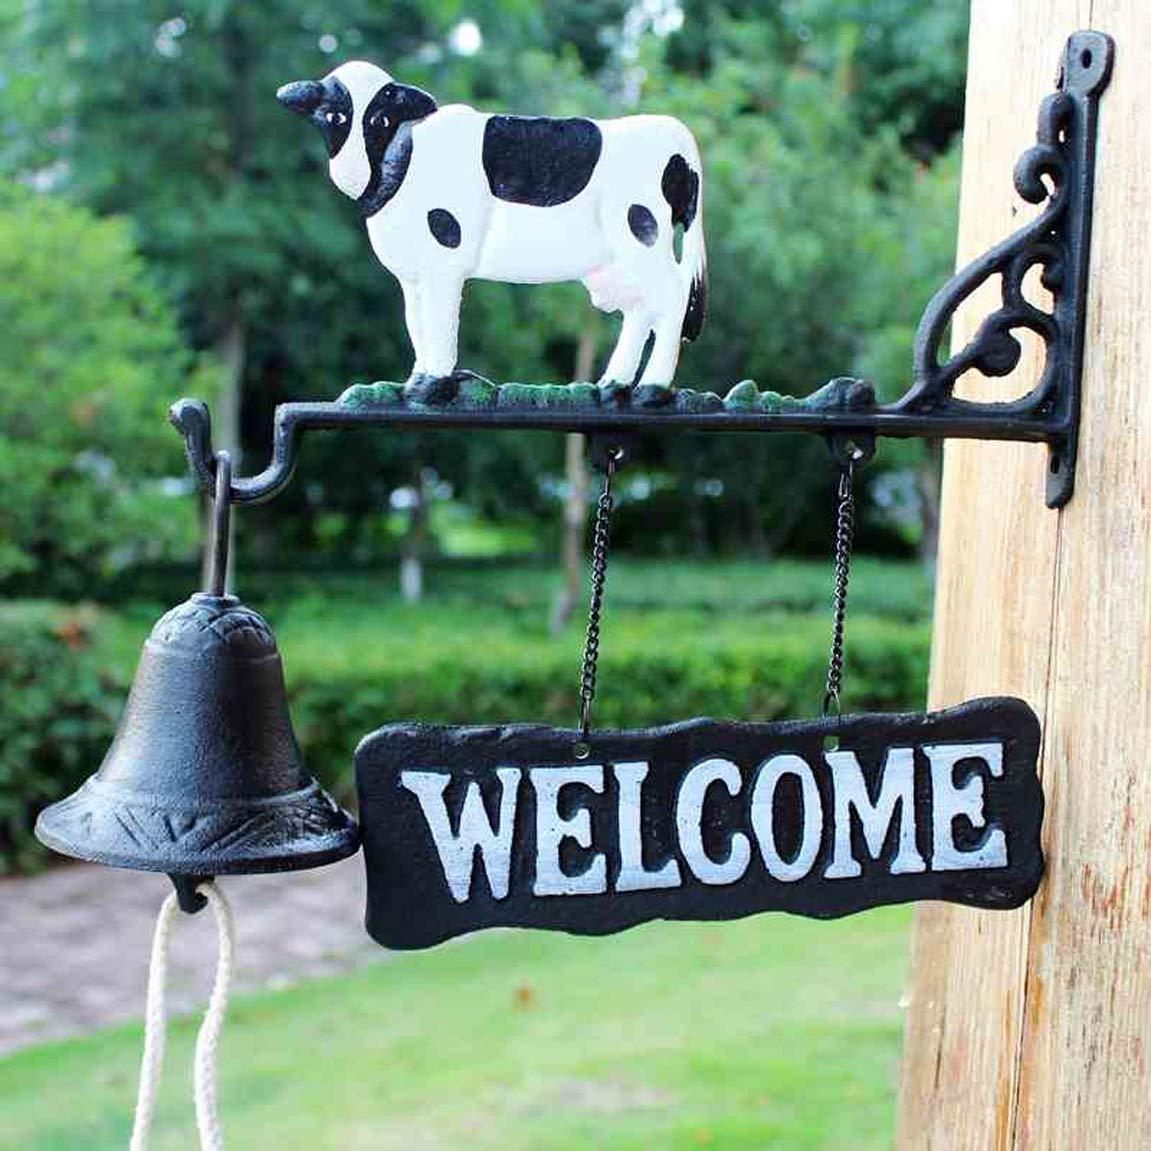 GLJJQMY Iron Cow doorbell European Wind Chime Hand Rattle Front Indoor Gift Vintage cast Iron 29x10x26cm etro doorbell